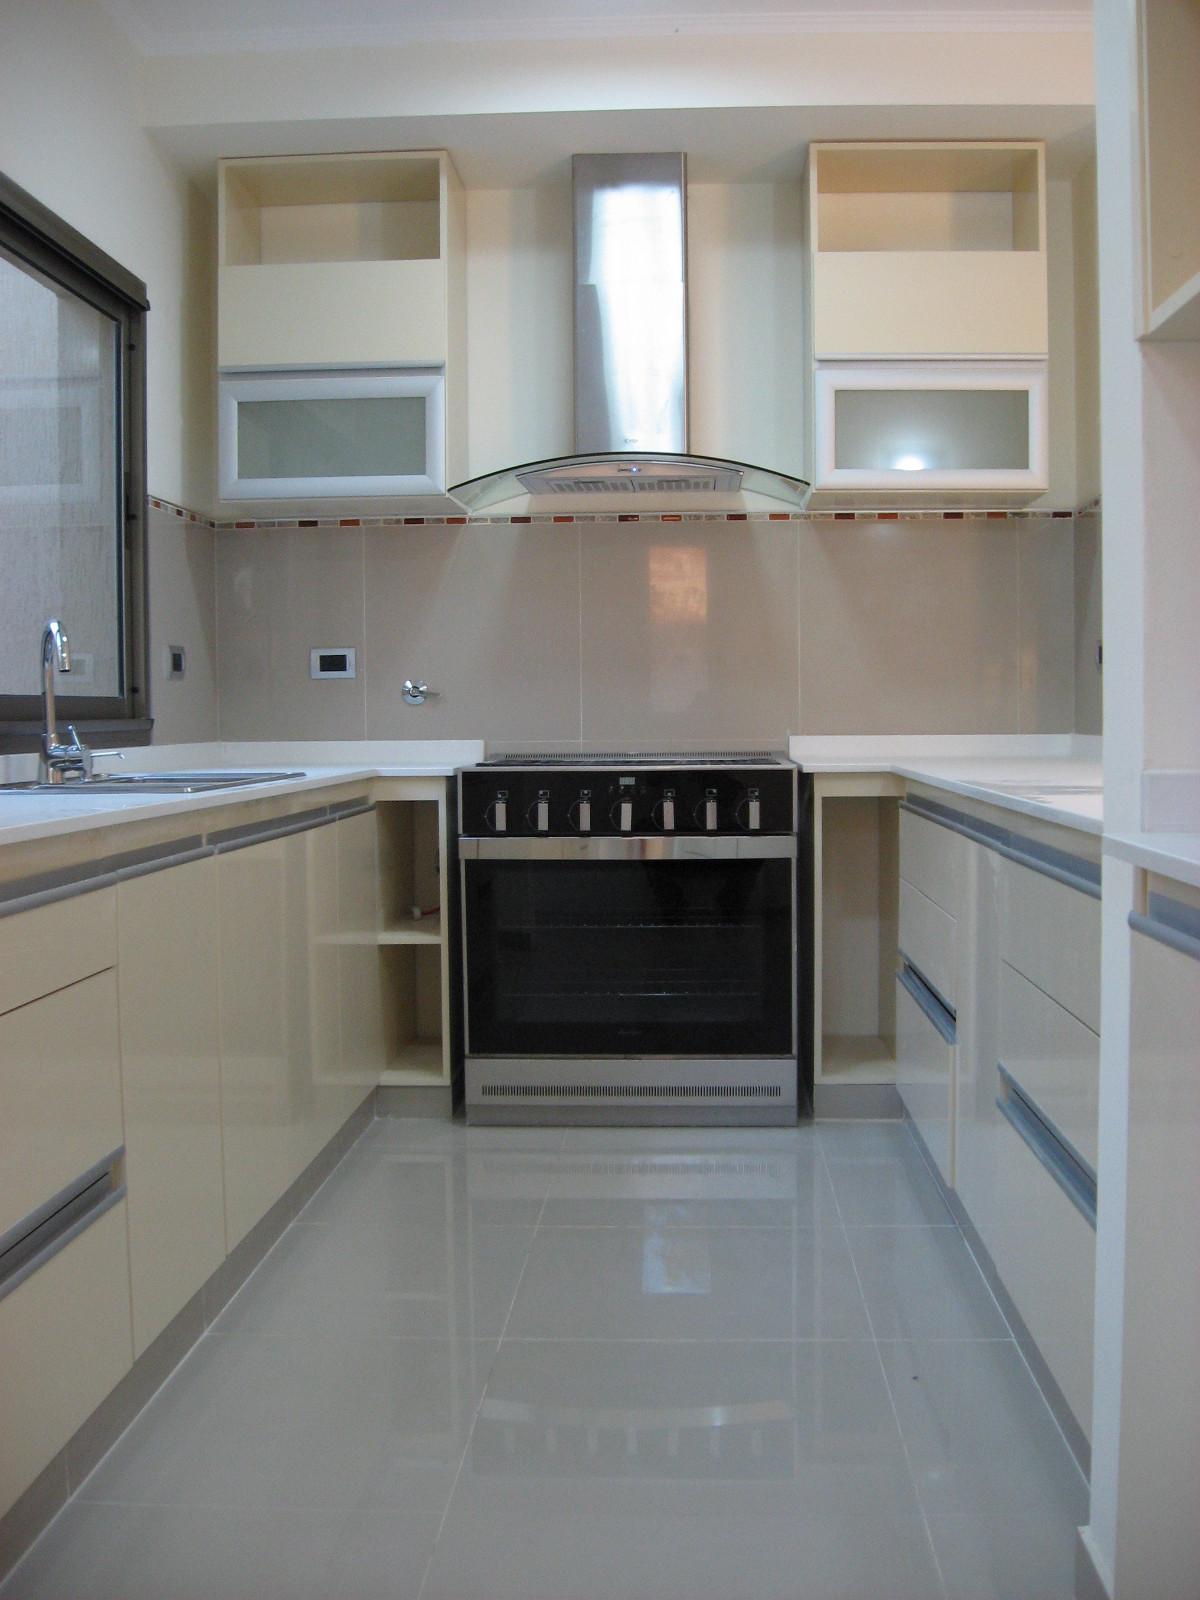 Mdg muebles amoblamientos de cocinas for Simulador de muebles de cocina